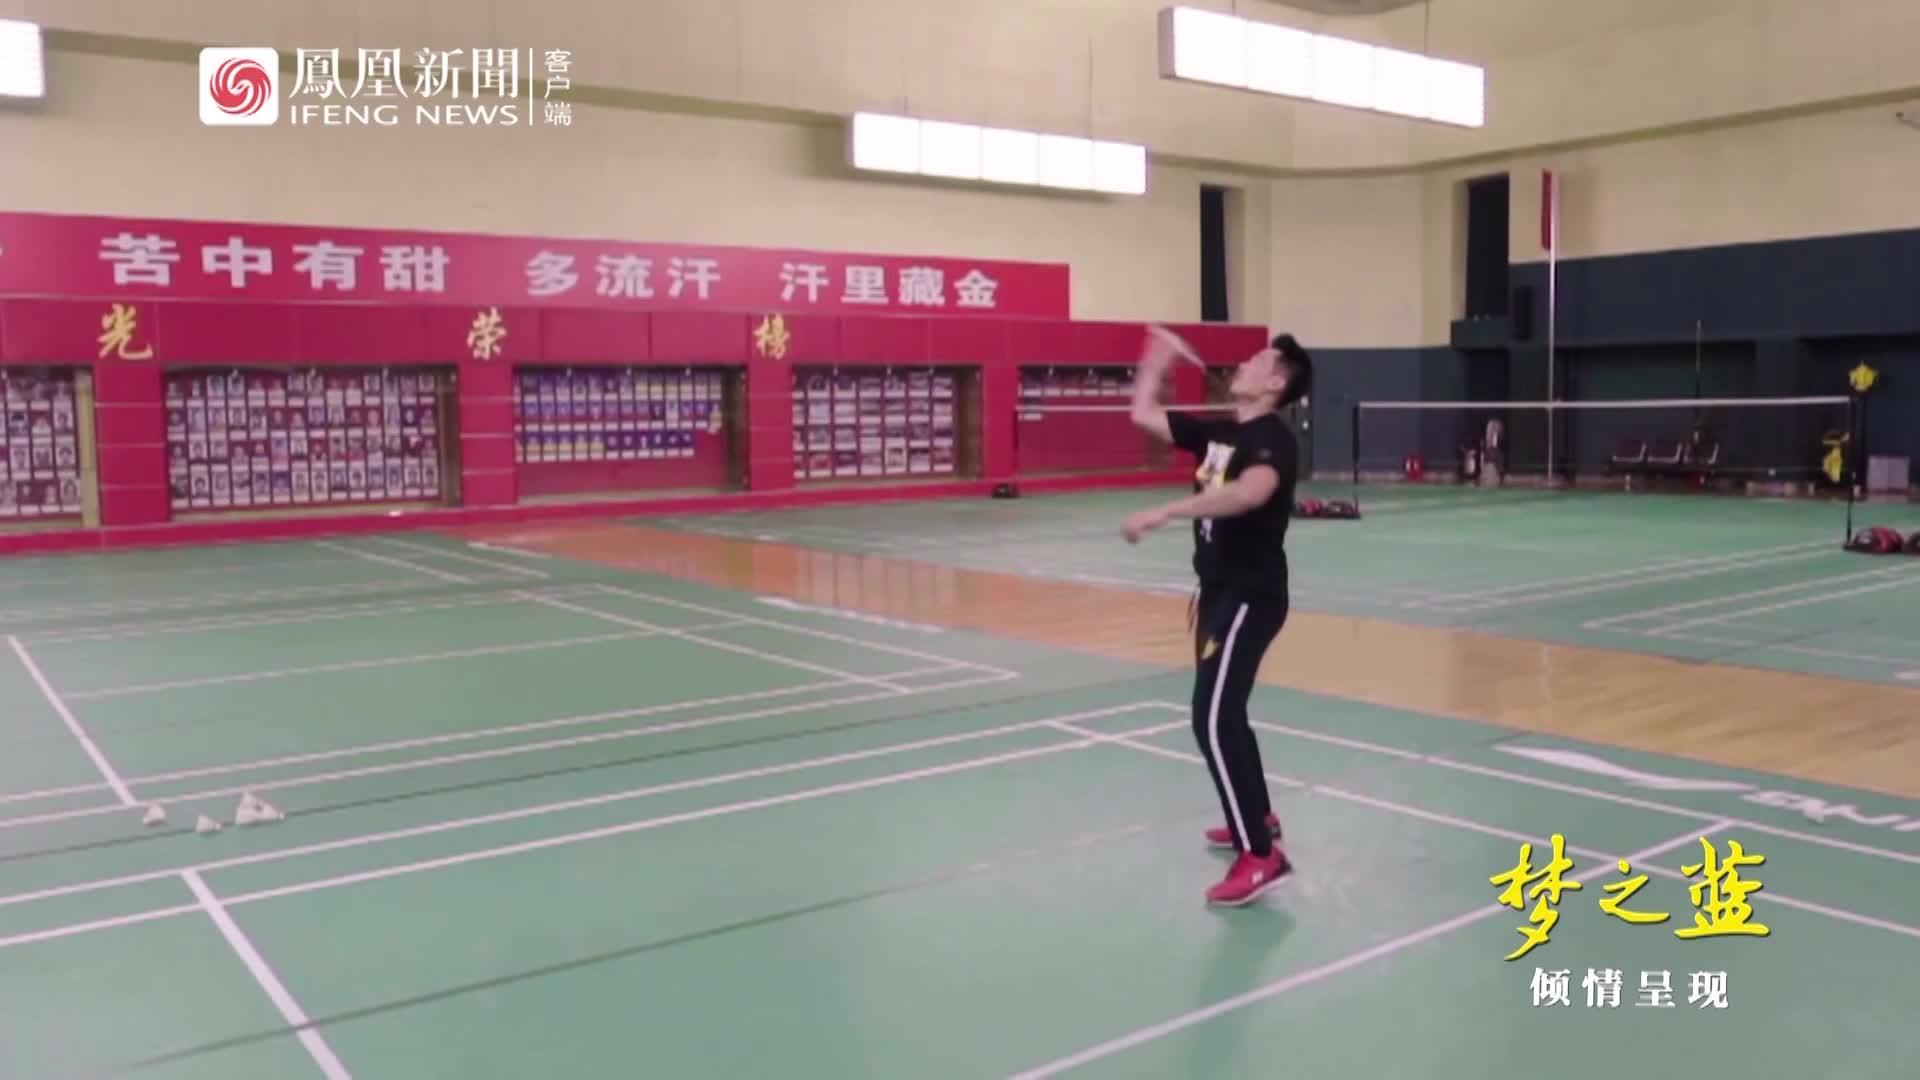 林丹对战邓亚萍7:5险胜:我对面也是奥运冠军啊!